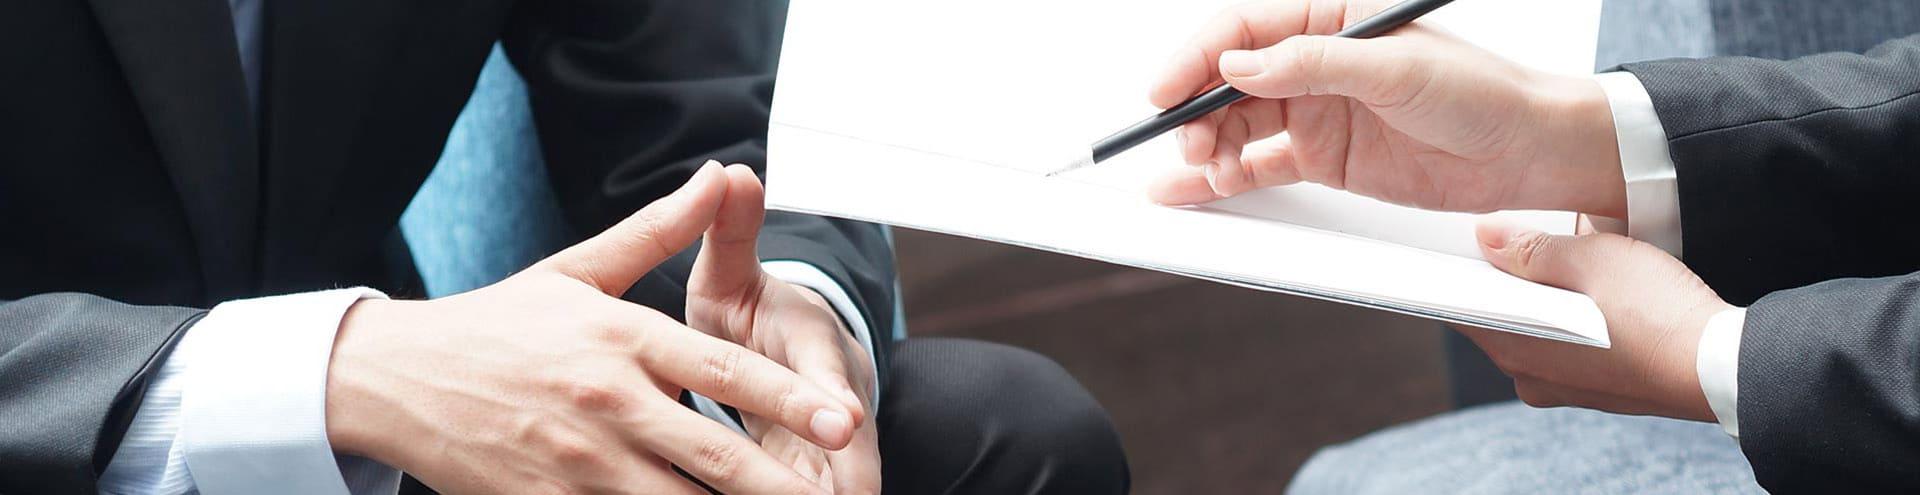 гарантии оказания юридических услуг в Саратове